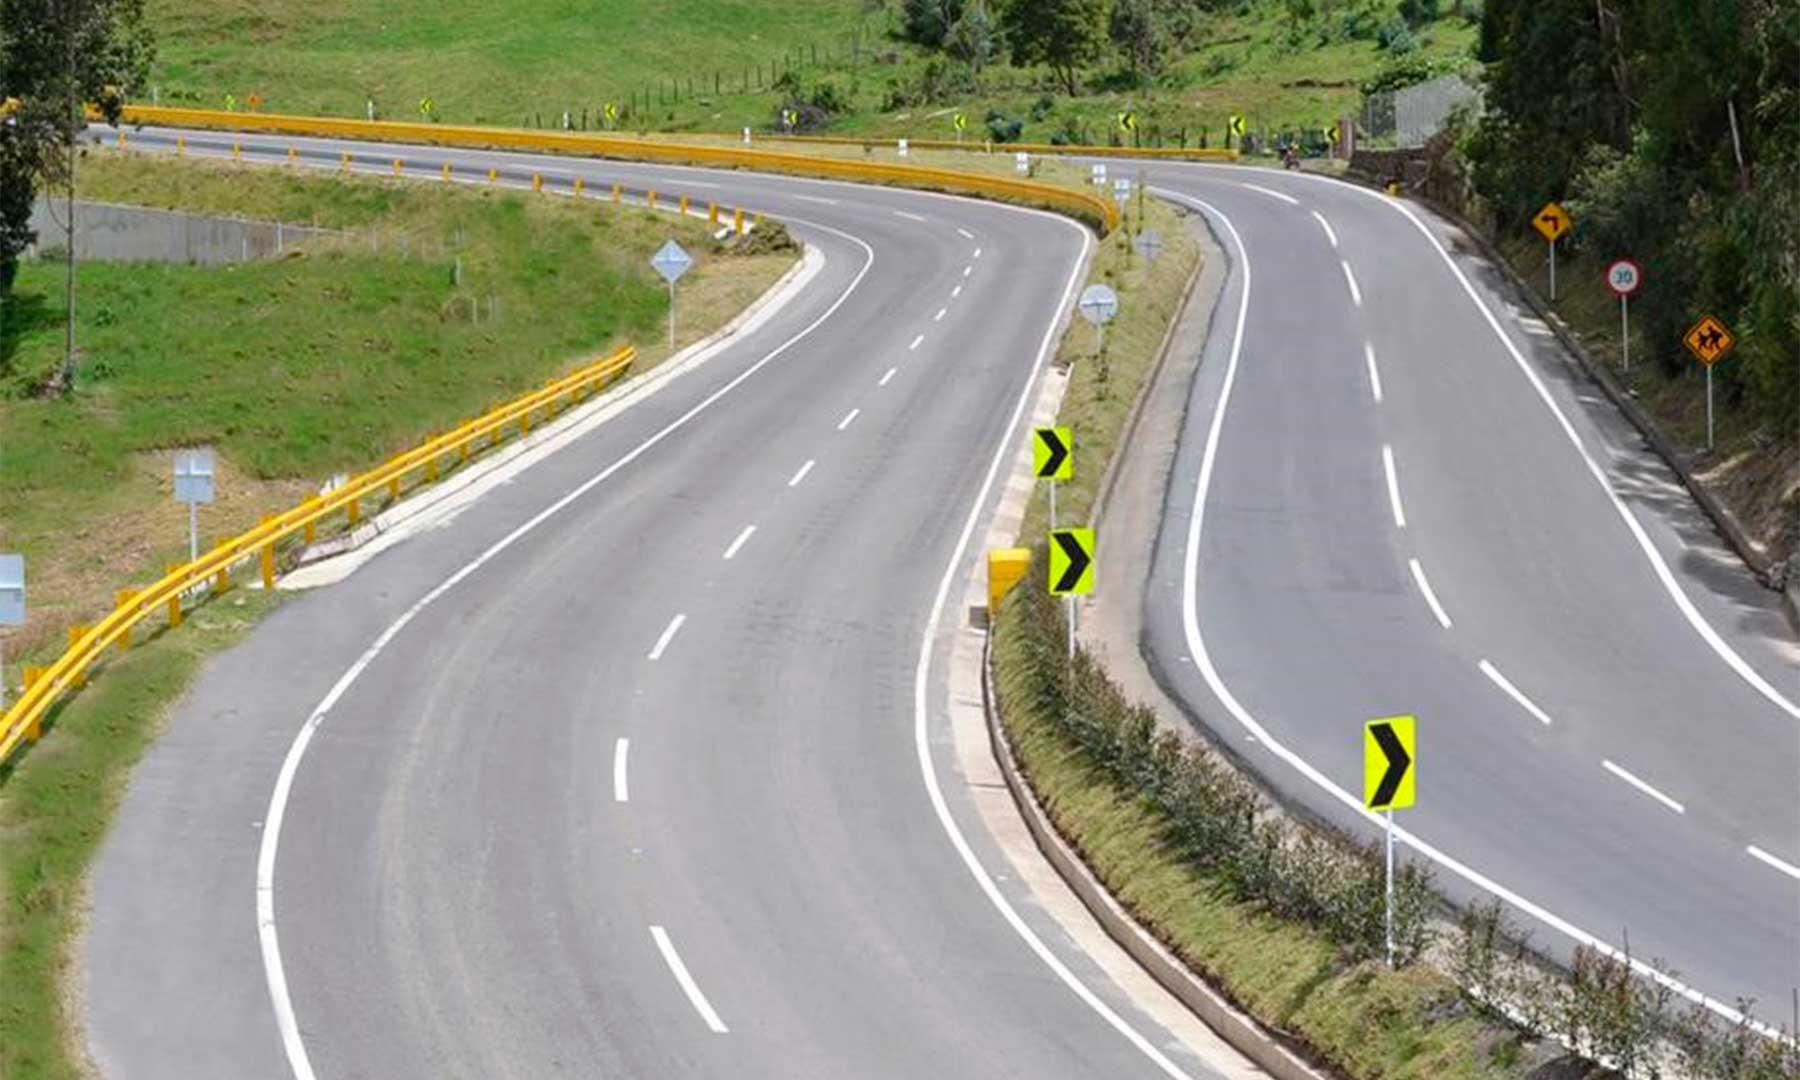 Doble calzada entre Bogotá y Villeta inaugurada por el Presidente Santos reducirá tiempos de viaje a Medellín y la Costa Caribe